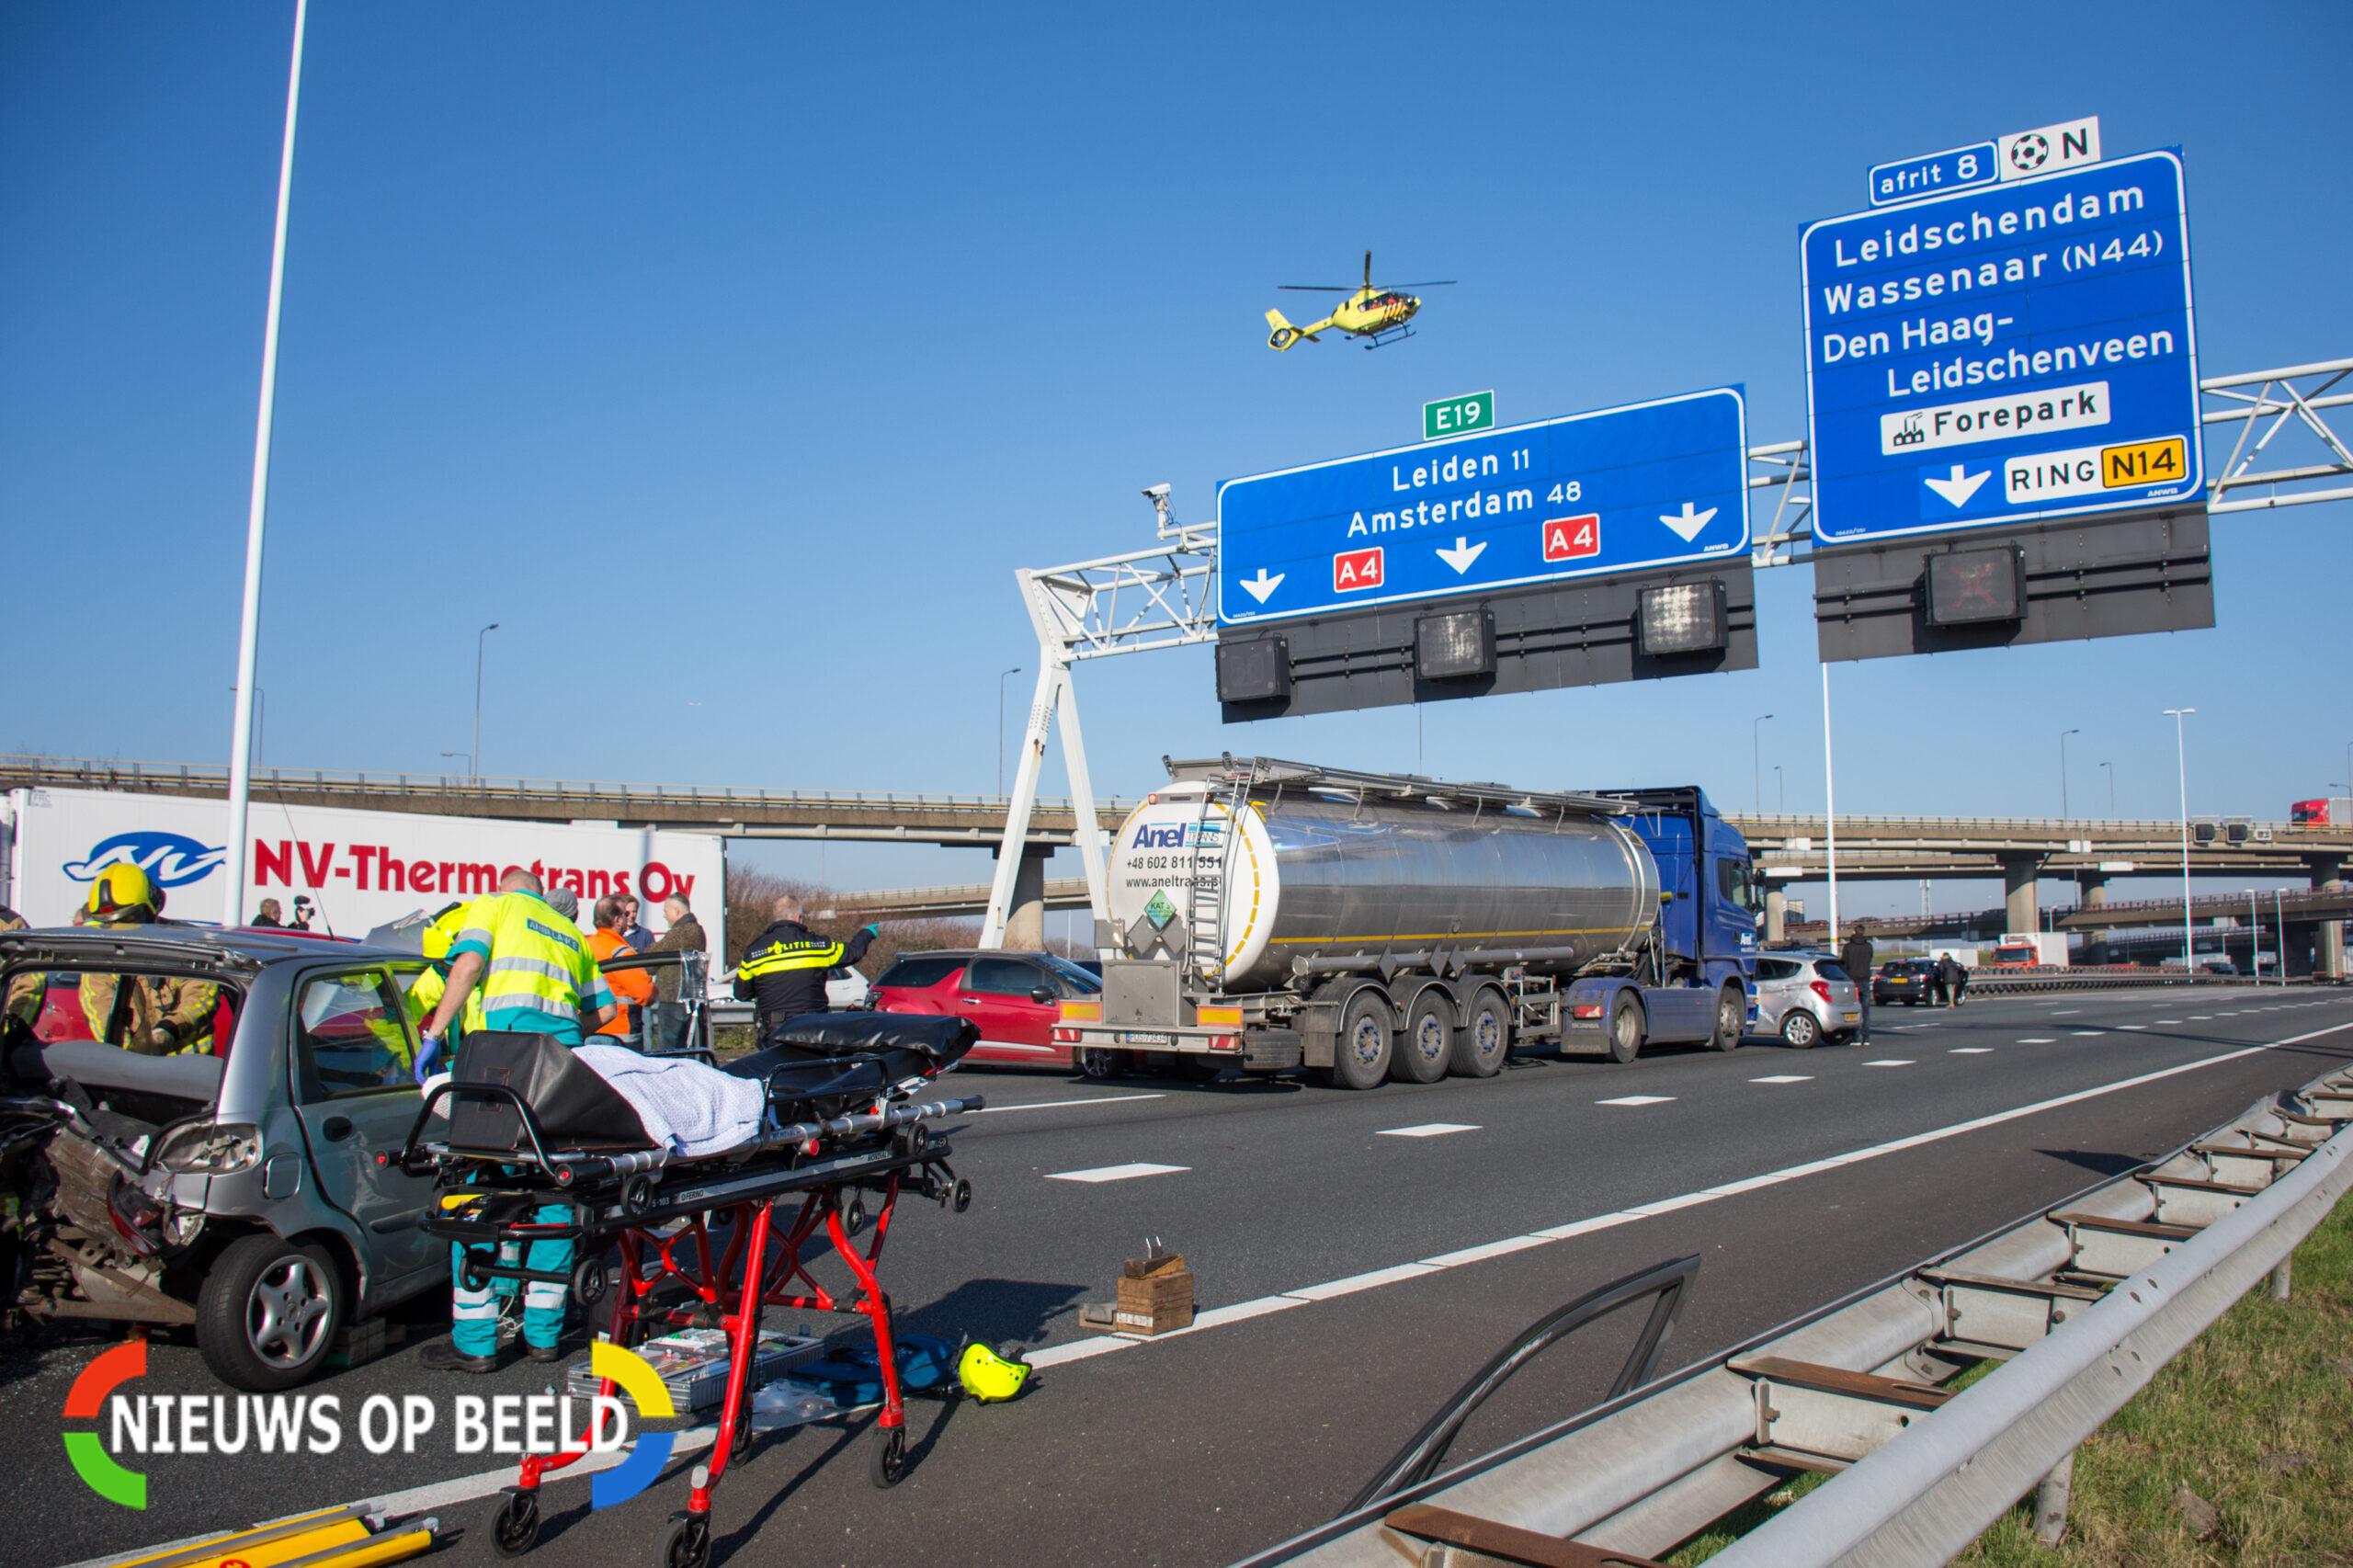 Meer dan tien voertuigen betrokken bij groot ongeval op A4 bij Den Haag; Snelweg weer open